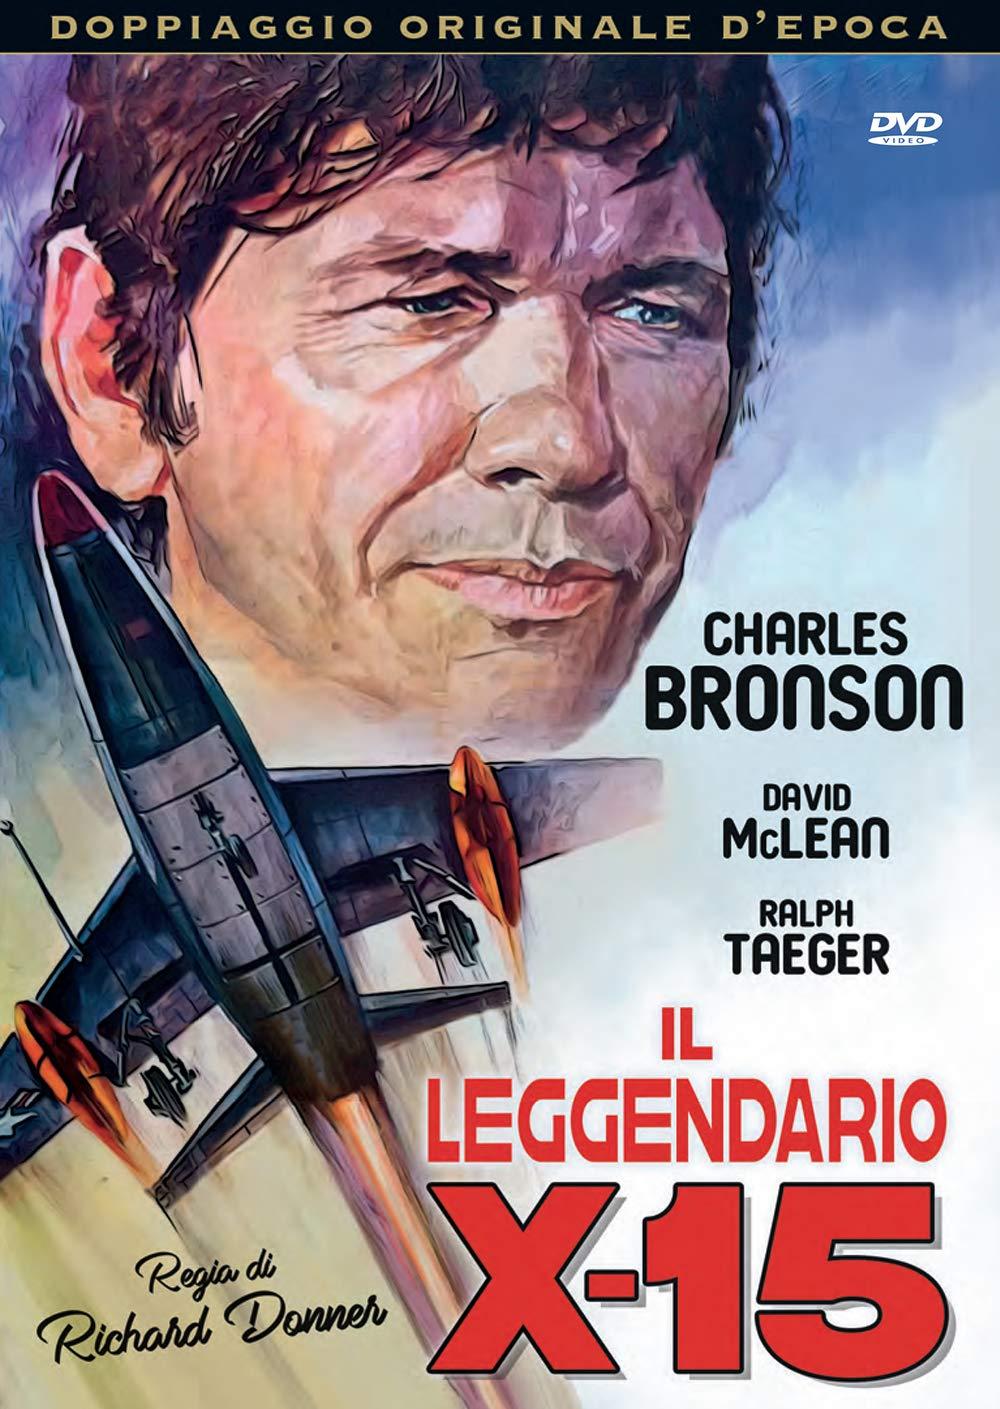 IL LEGGENDARIO X-15 (DVD)